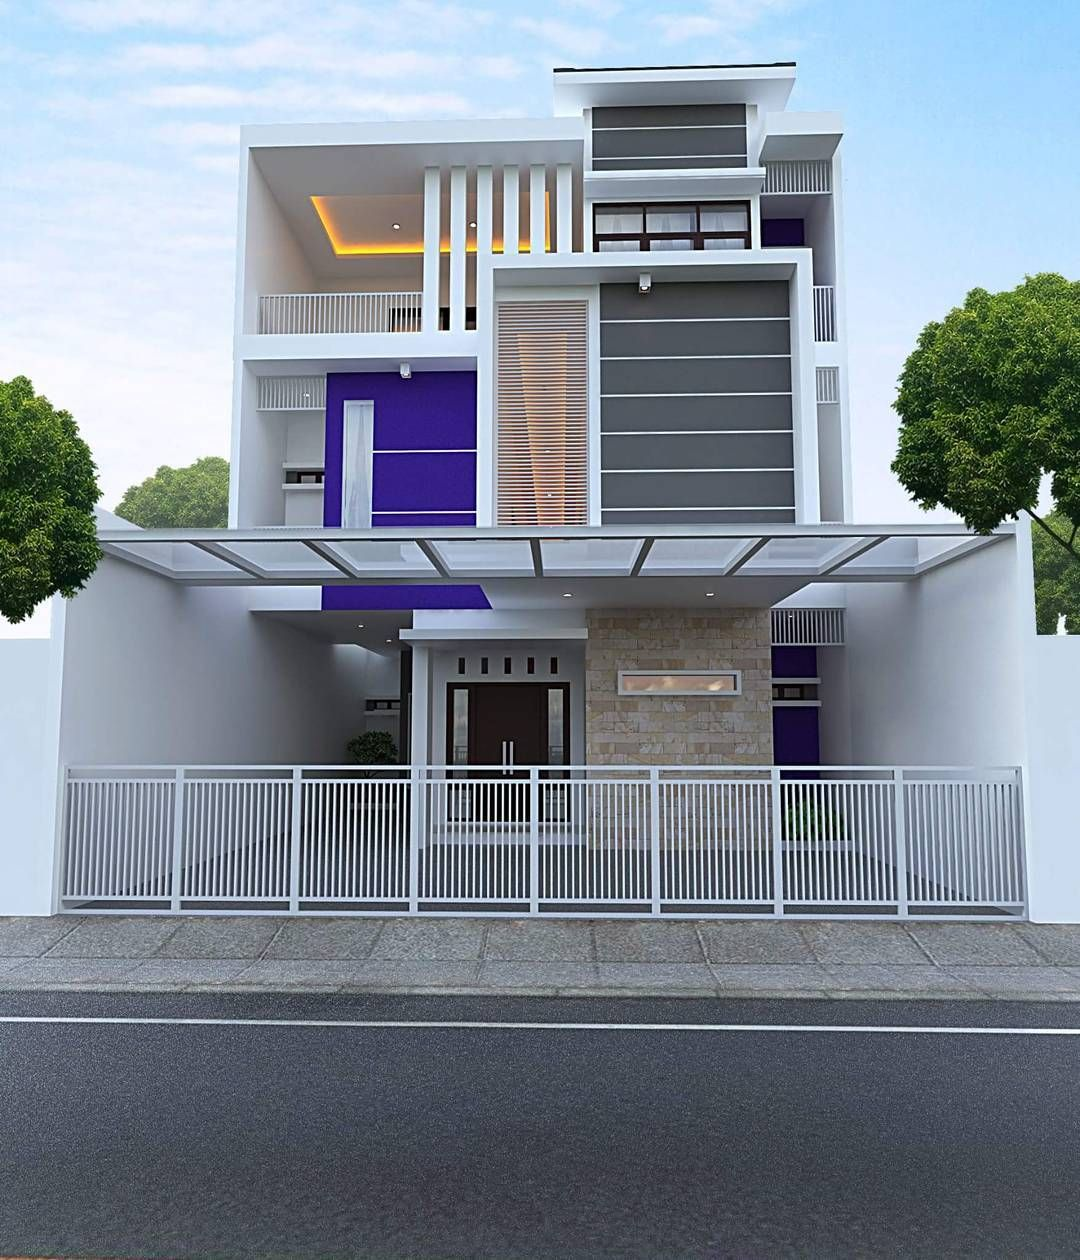 Desain Eksterior Rumah Marmer Cek Bahan Bangunan